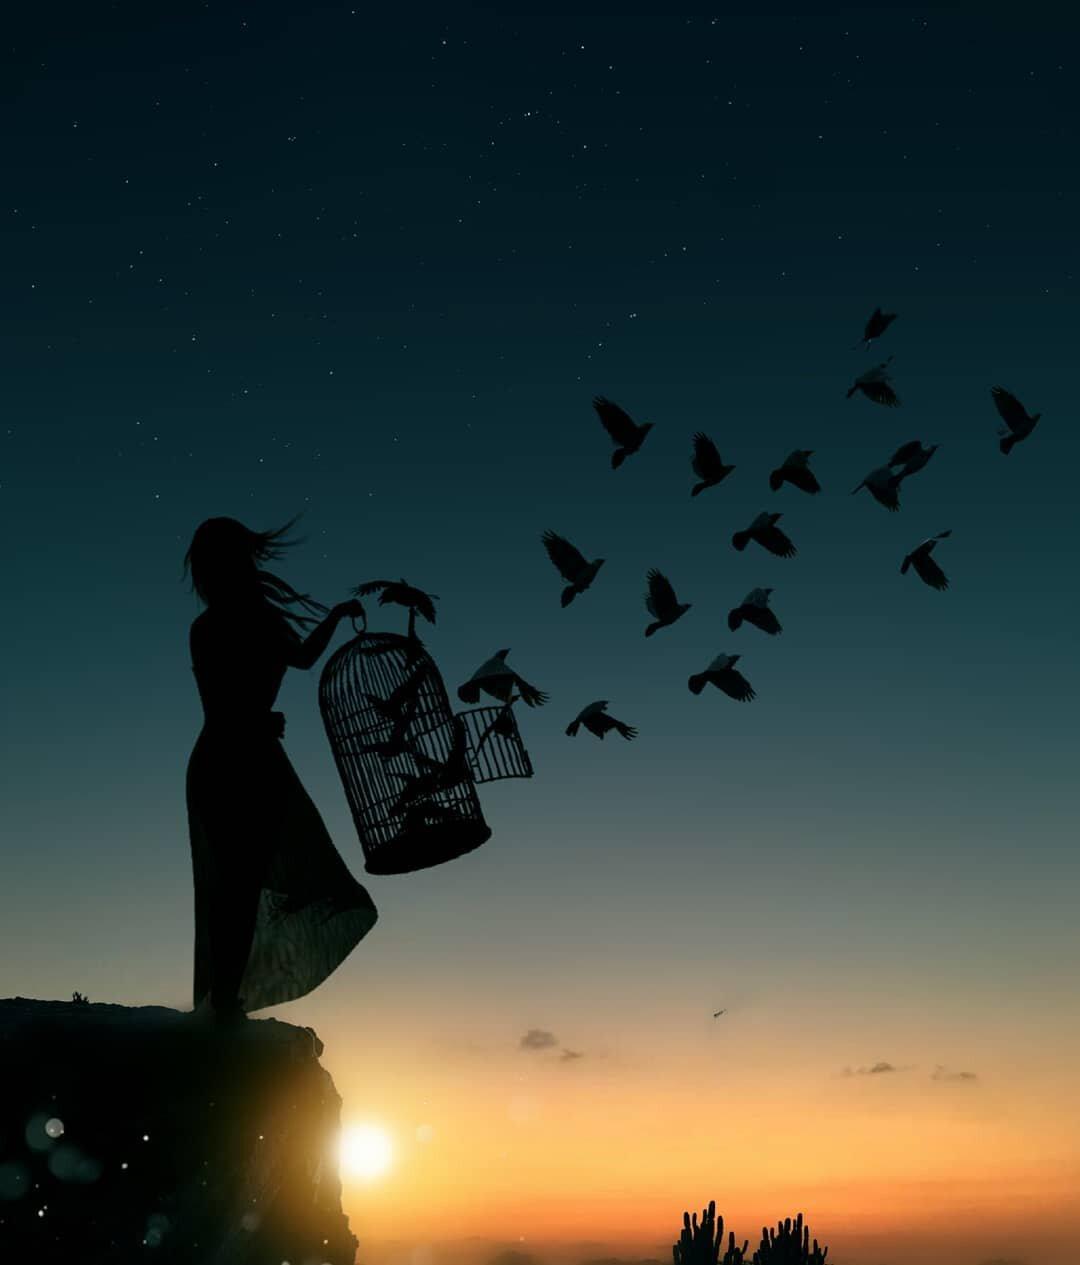 картинка птицы вылетают из банки тебе много счастья